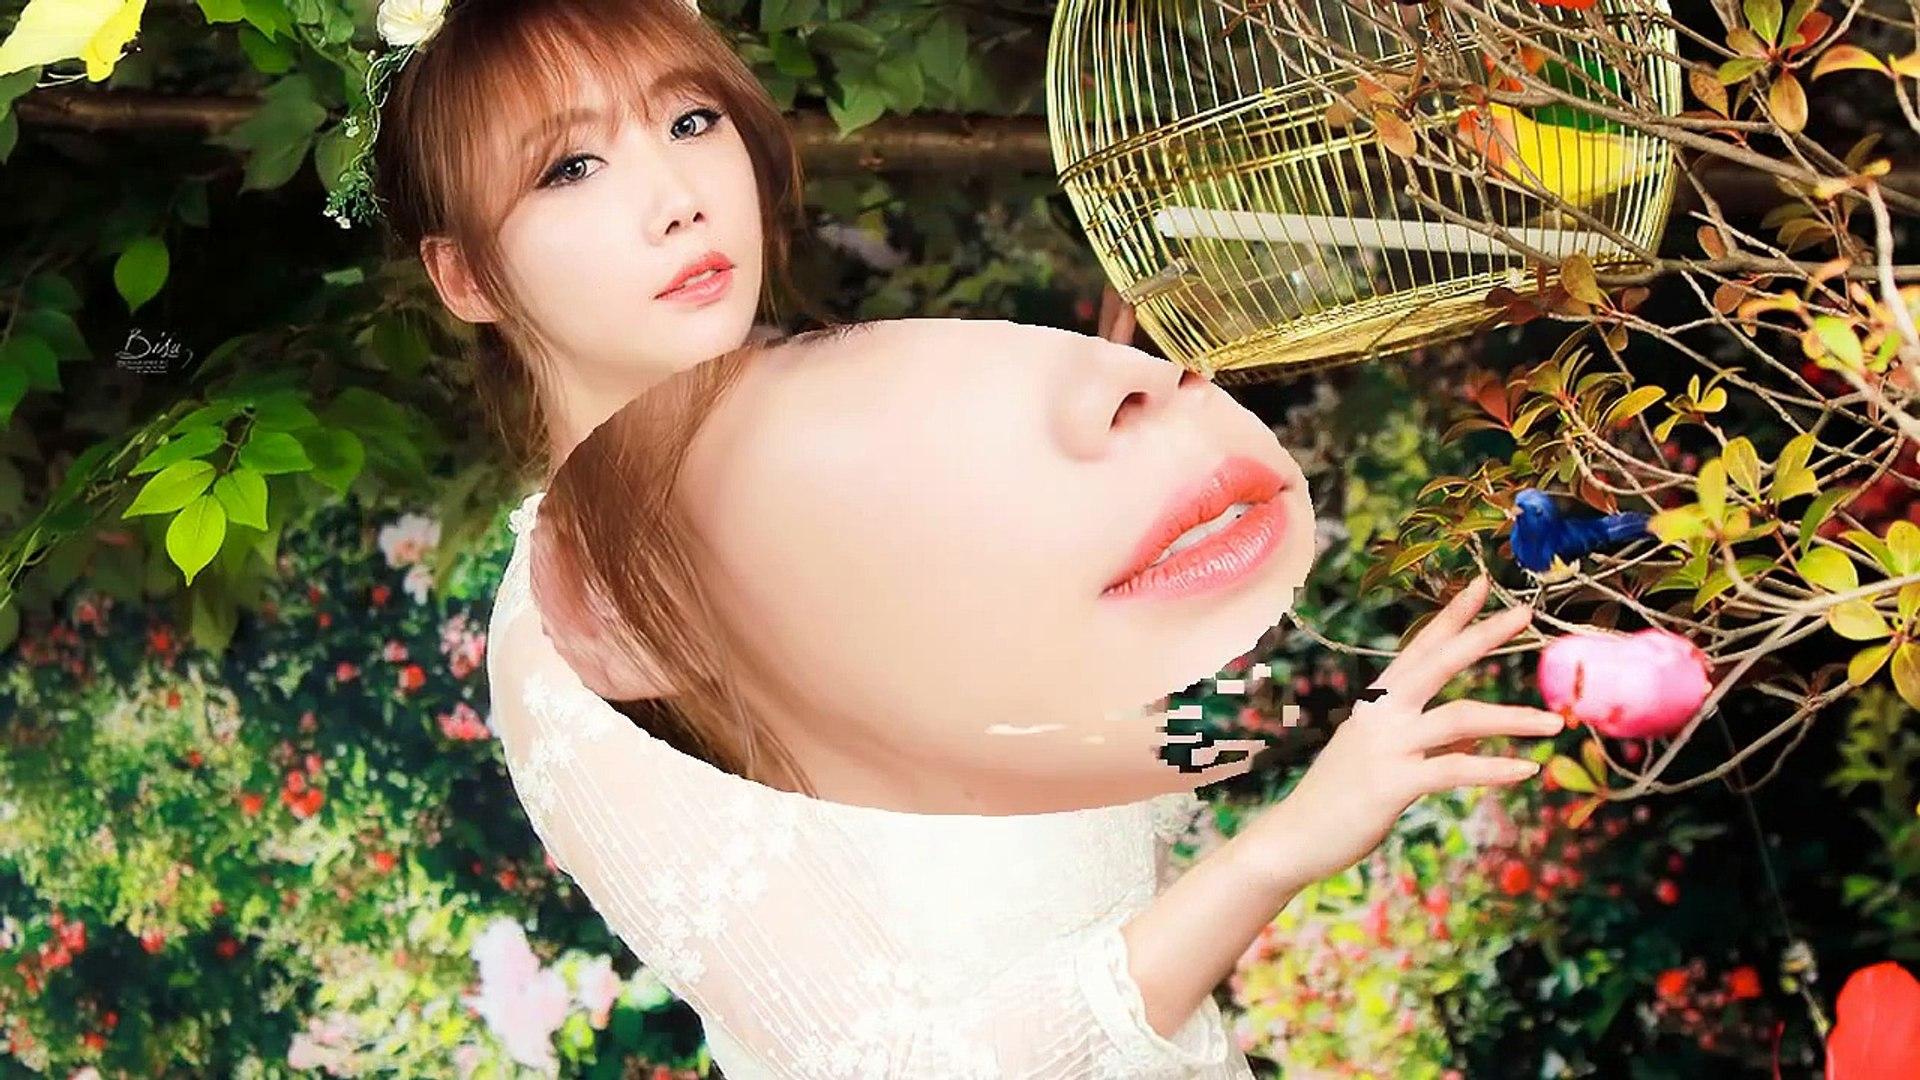 Ngắm những cô gái xinh đẹp nhất Hàn Quốc   Liên khúc nhạc trẻ Dáng Em remix